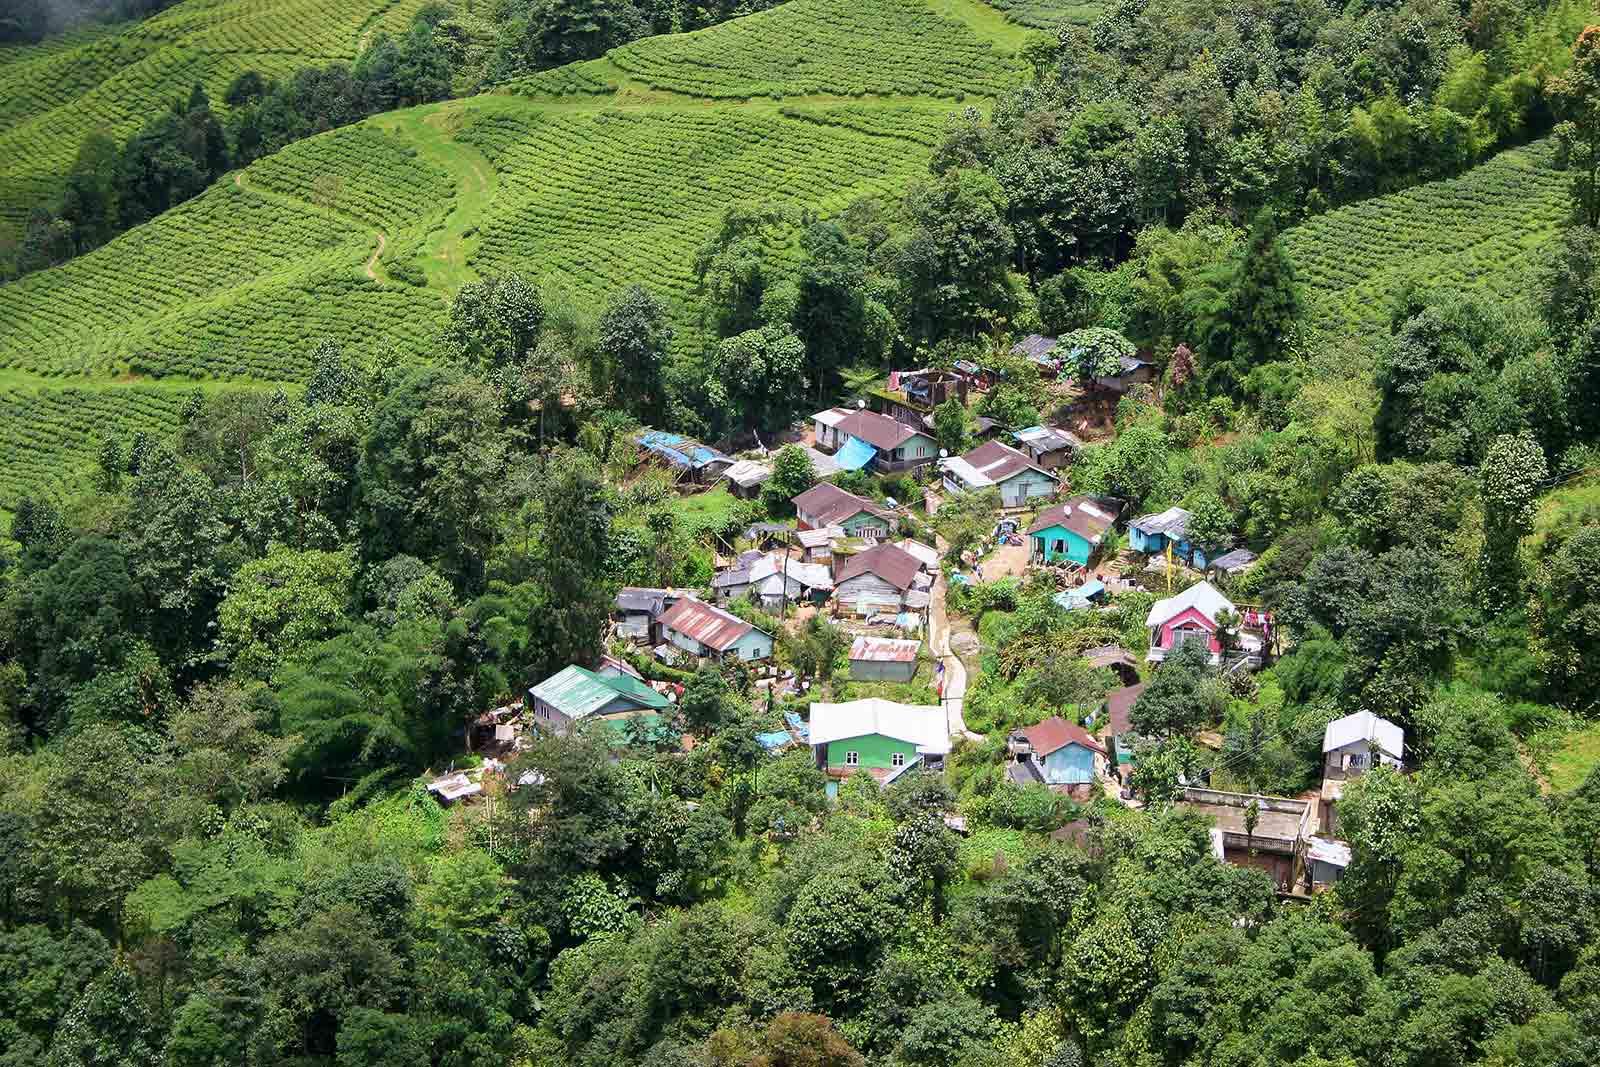 Tea fields in Darjeeling, India.